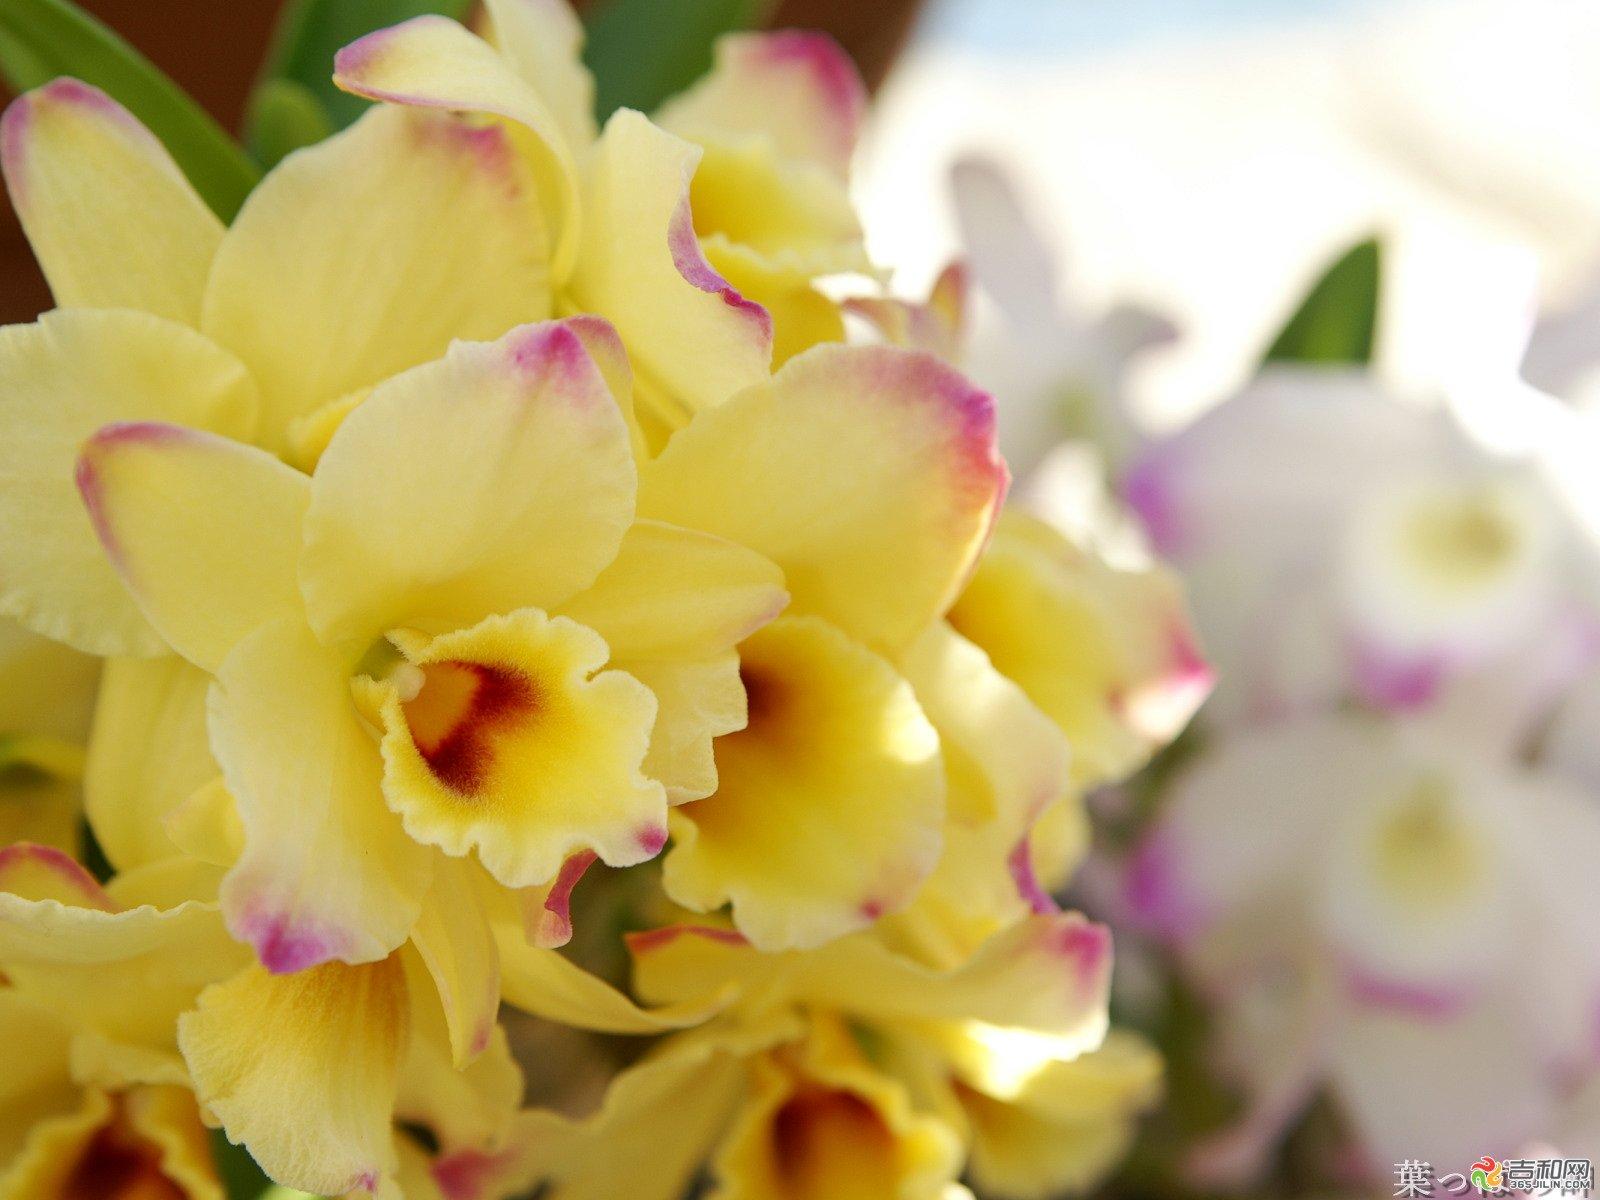 """礼物之十一:鲜花 一束黄色康乃馨或石斛兰,以表达对父亲的尊敬和感谢之情。在日本、台湾等地,石斛兰被视为""""父爱之花""""。此外,白月季、三色堇、腊梅也是父亲节的理想礼品。 让老爸也体会一下收花的感觉嘛,呵呵! 如果你父亲是个经常出去社交的人,可以送社交用品,领带的话女性的眼光可能和男人不同,建议不要送,手表和皮带倒是容易选。还可以送剃须刀,男士香水等。 如果你父亲是个顾家的人,可以送点家用必须品,比如厨房刀具(前提是他喜欢做菜),或者折叠晾衣架,这样他也不会说你乱花钱。"""